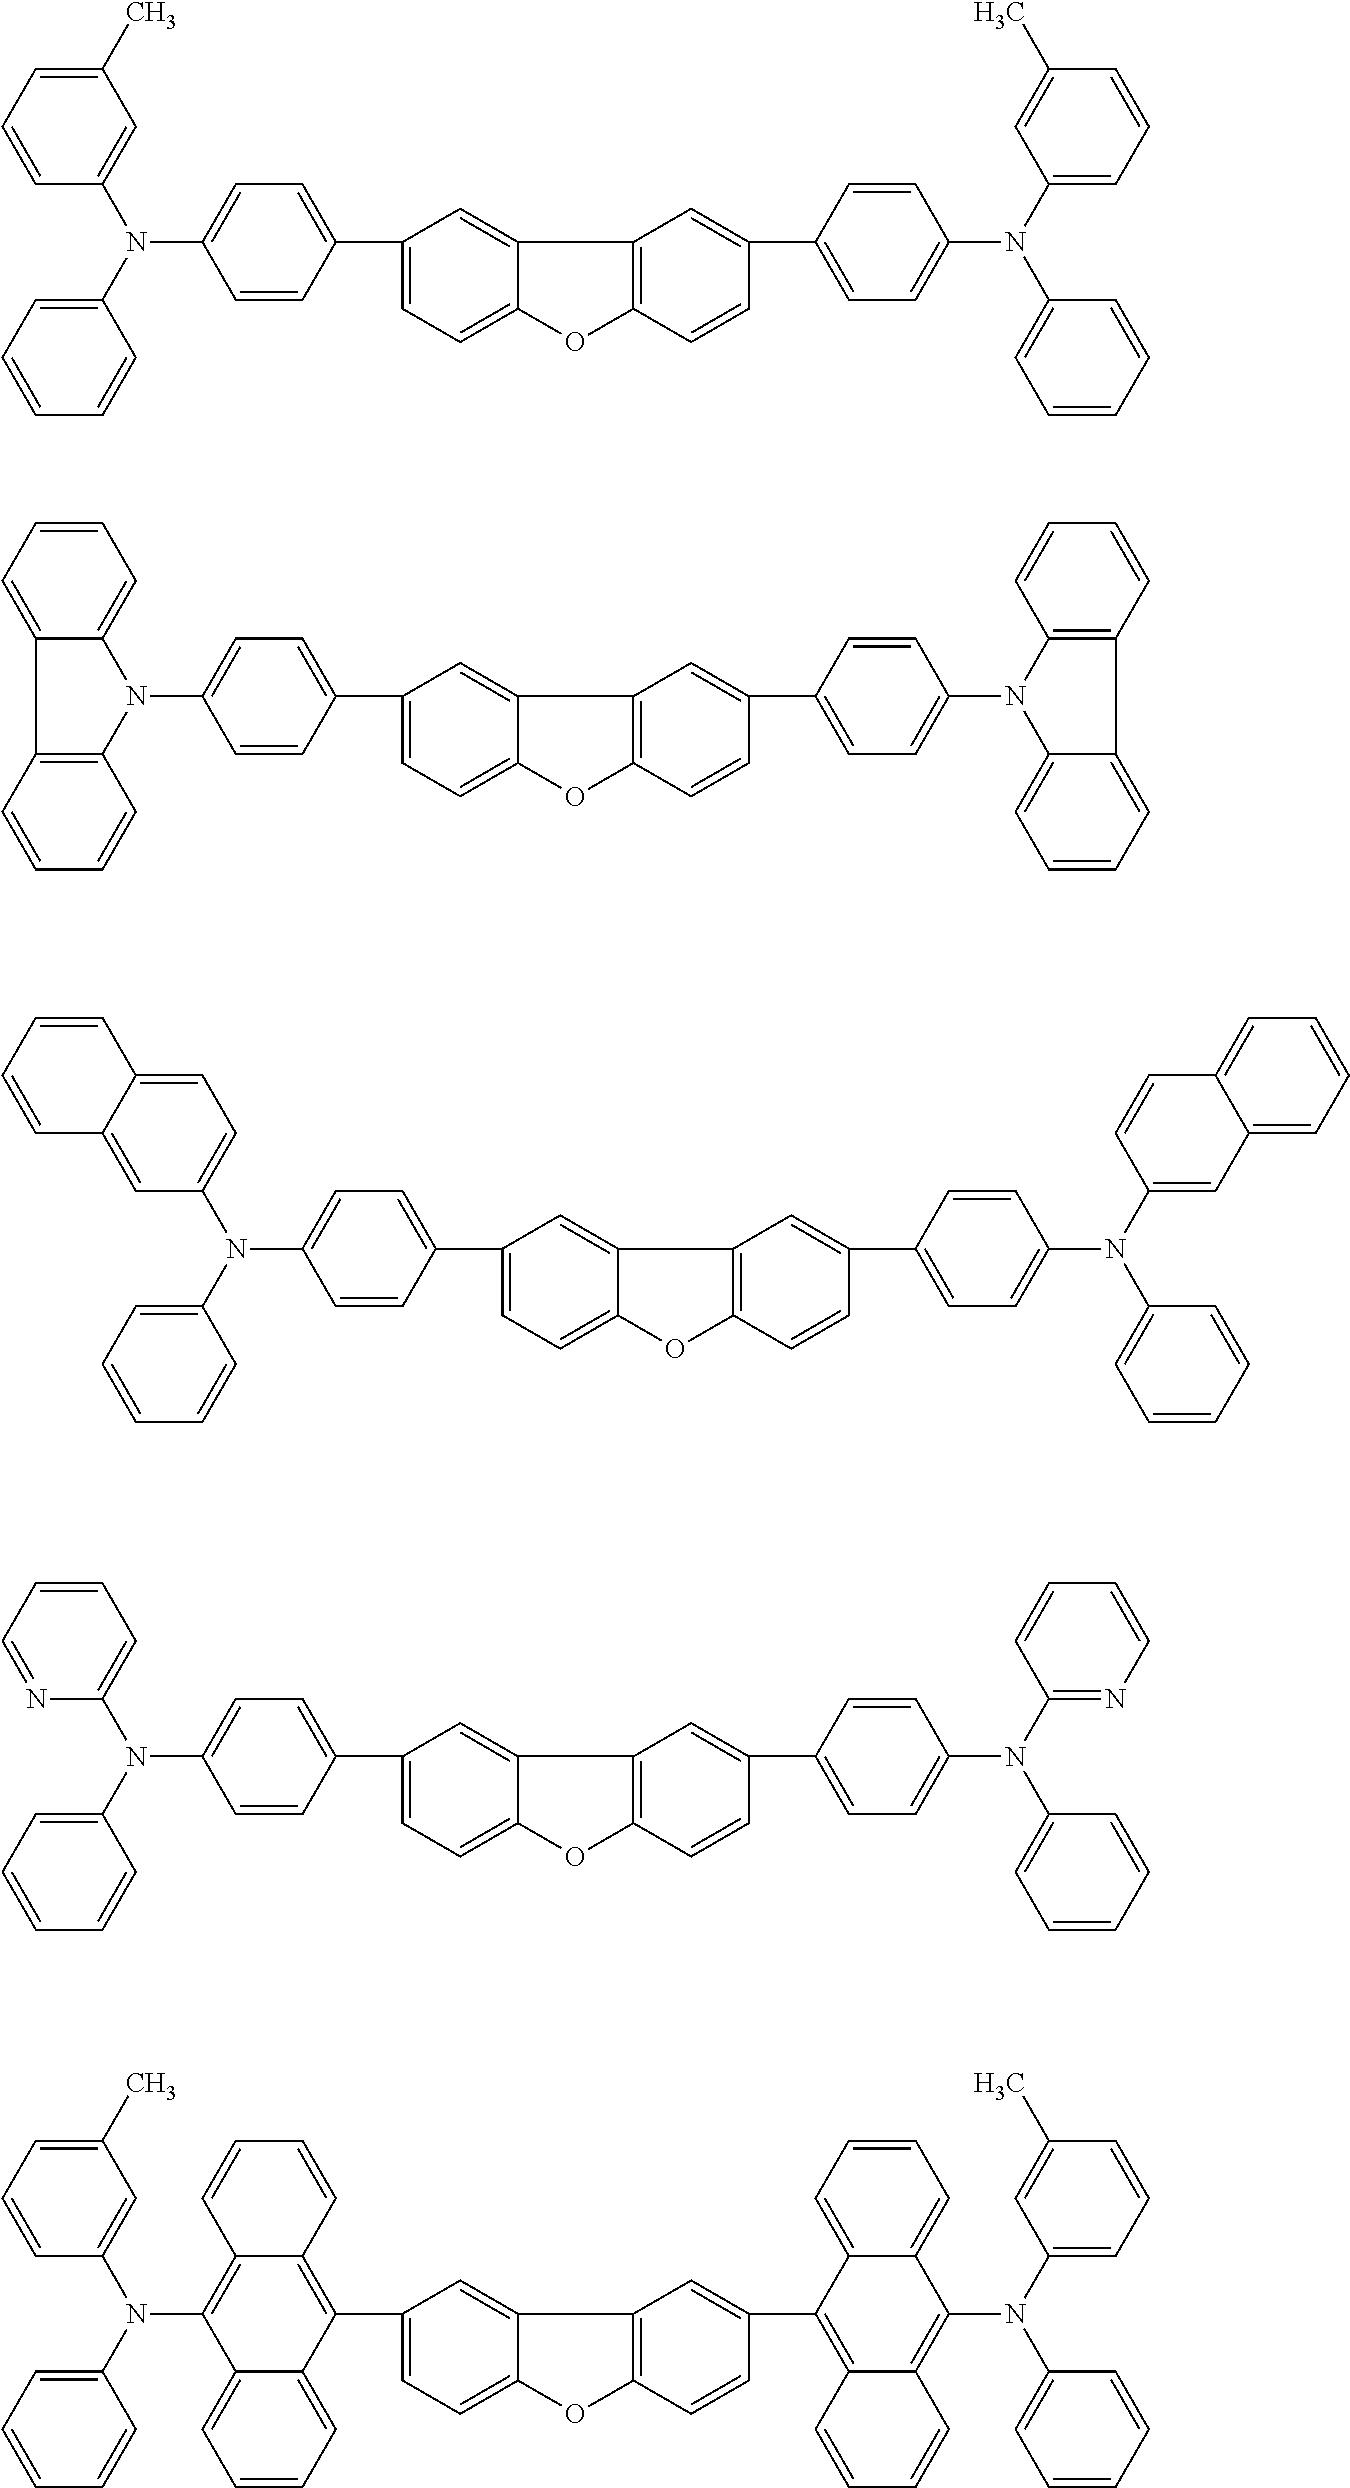 Figure US09257663-20160209-C00011